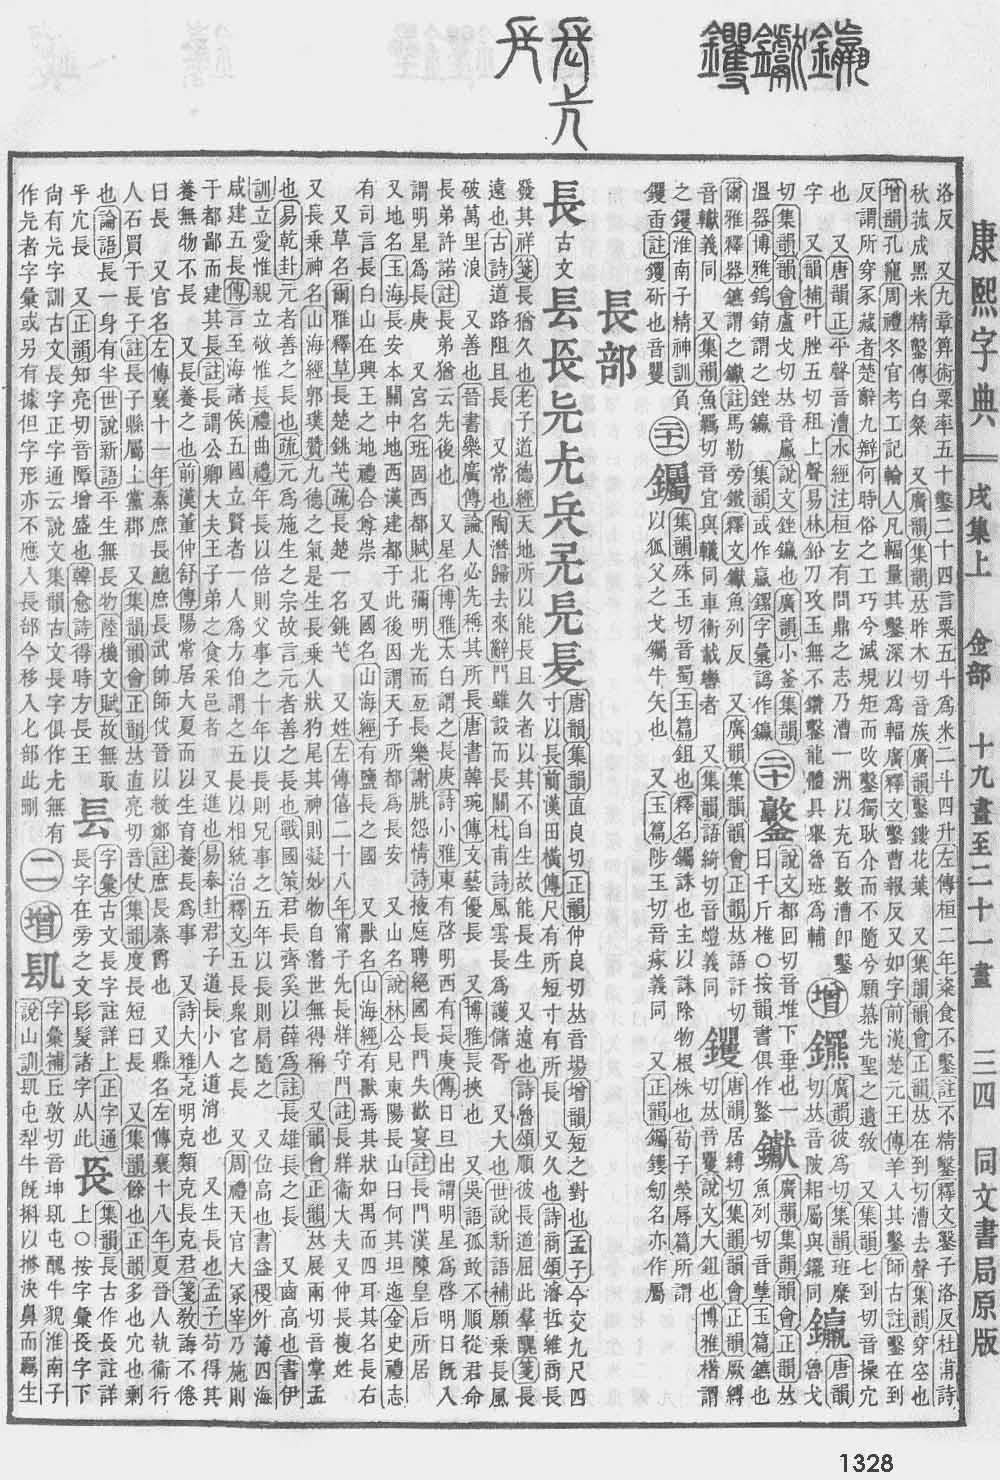 《康熙字典》第1328页